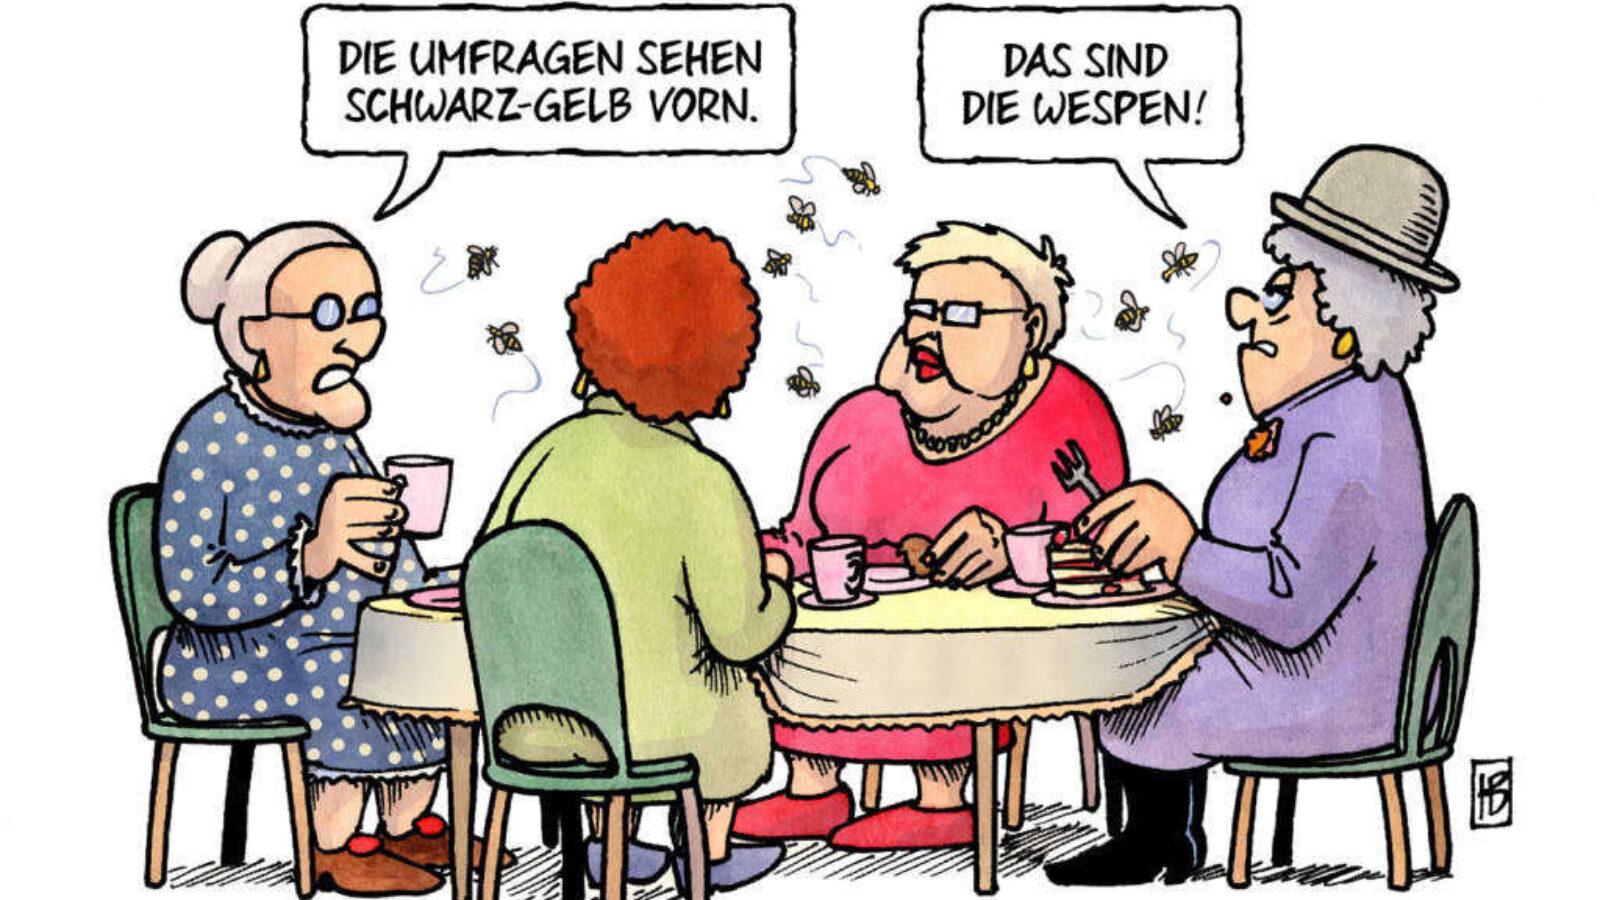 Nicht vergessen: Bundestagswahl am 22. September